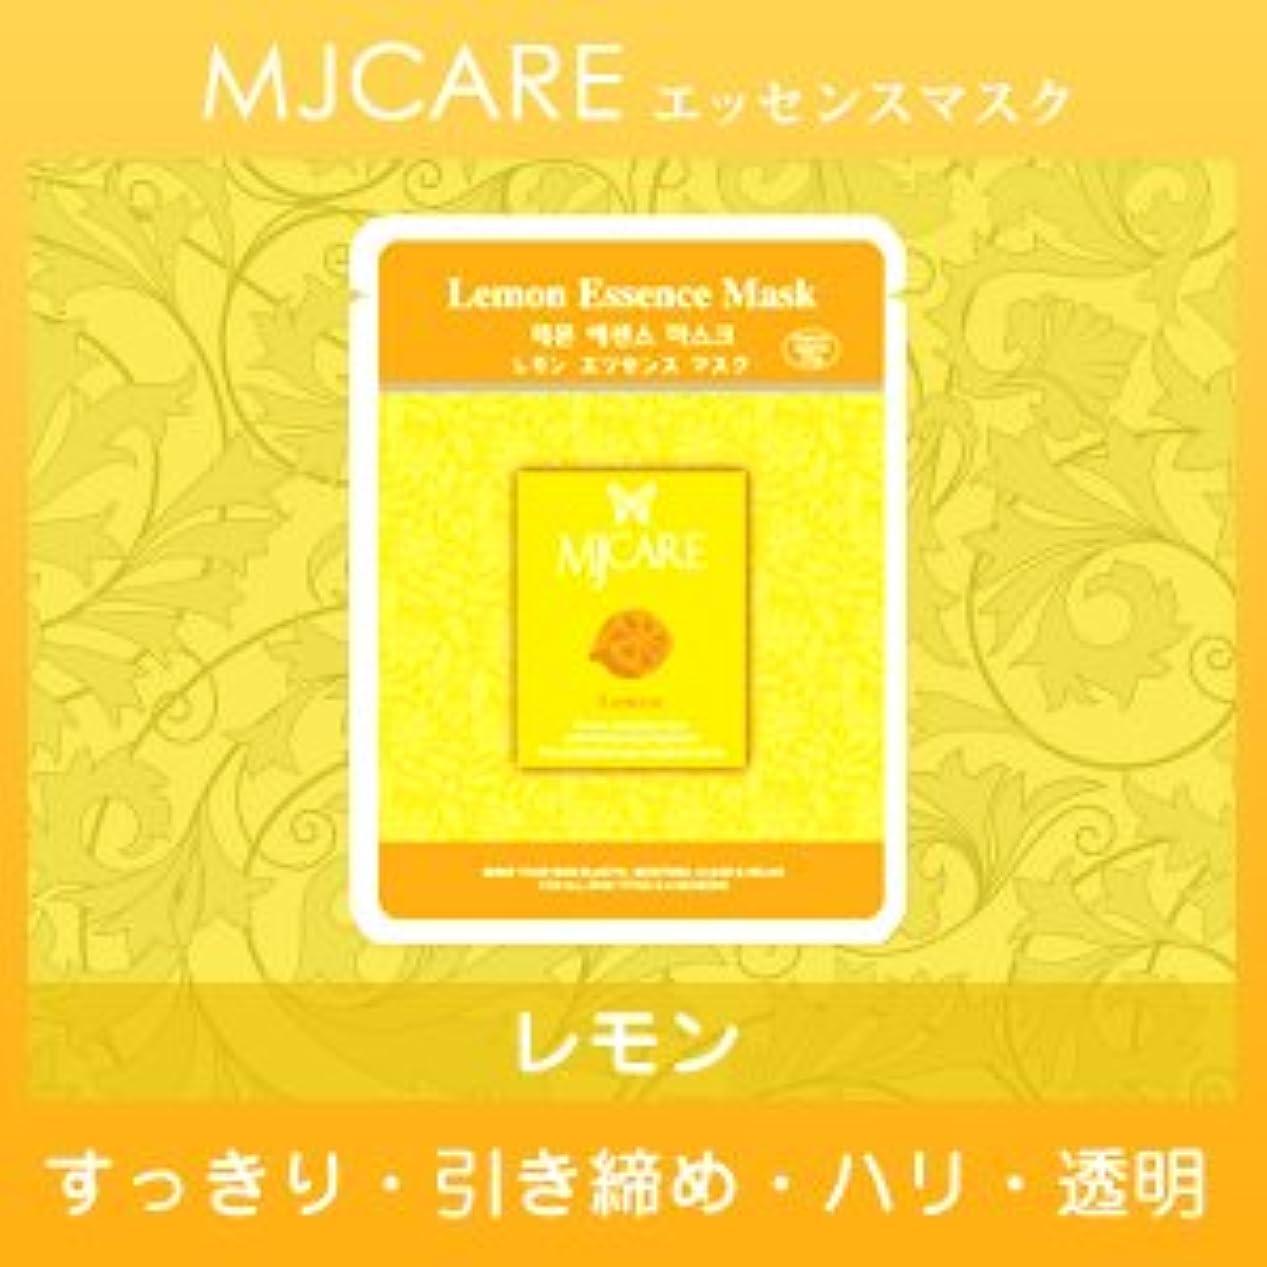 ペンフレンドコントラストシンクMJCARE (エムジェイケア) レモン エッセンスマスク